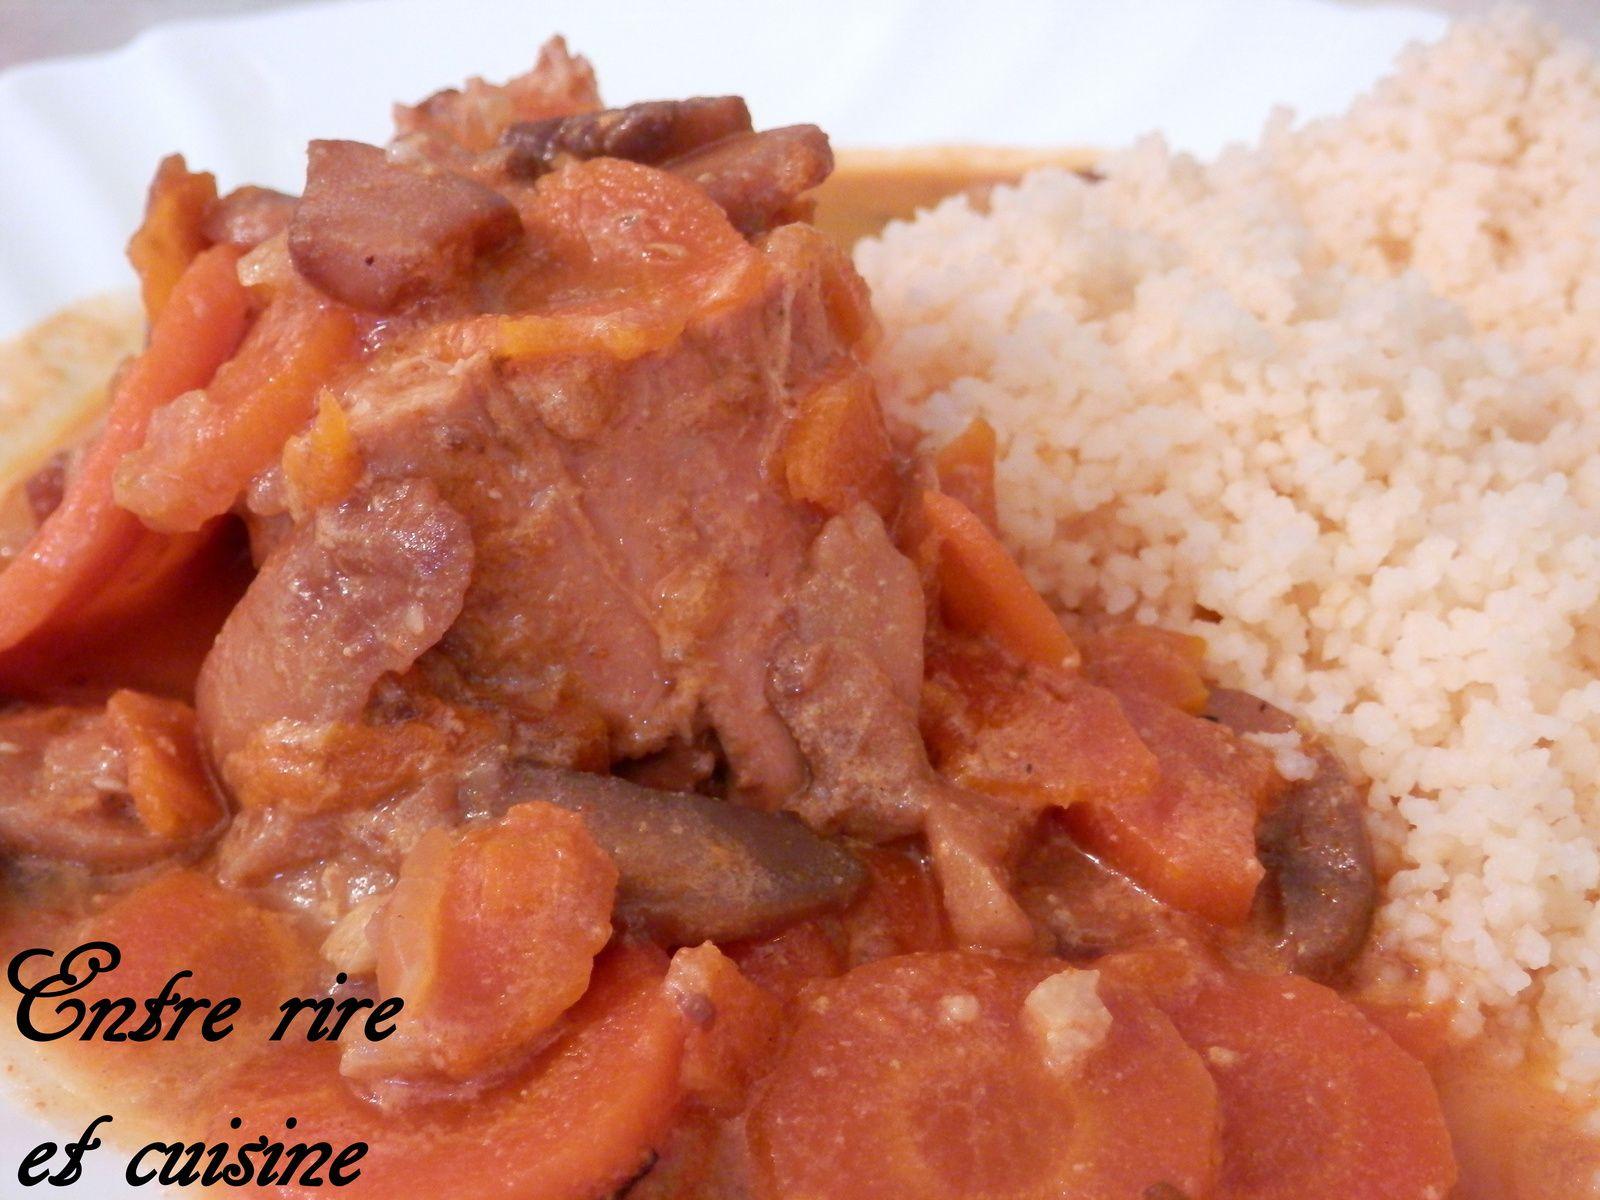 Filet mignon de porc braisé aux épices Tandoori